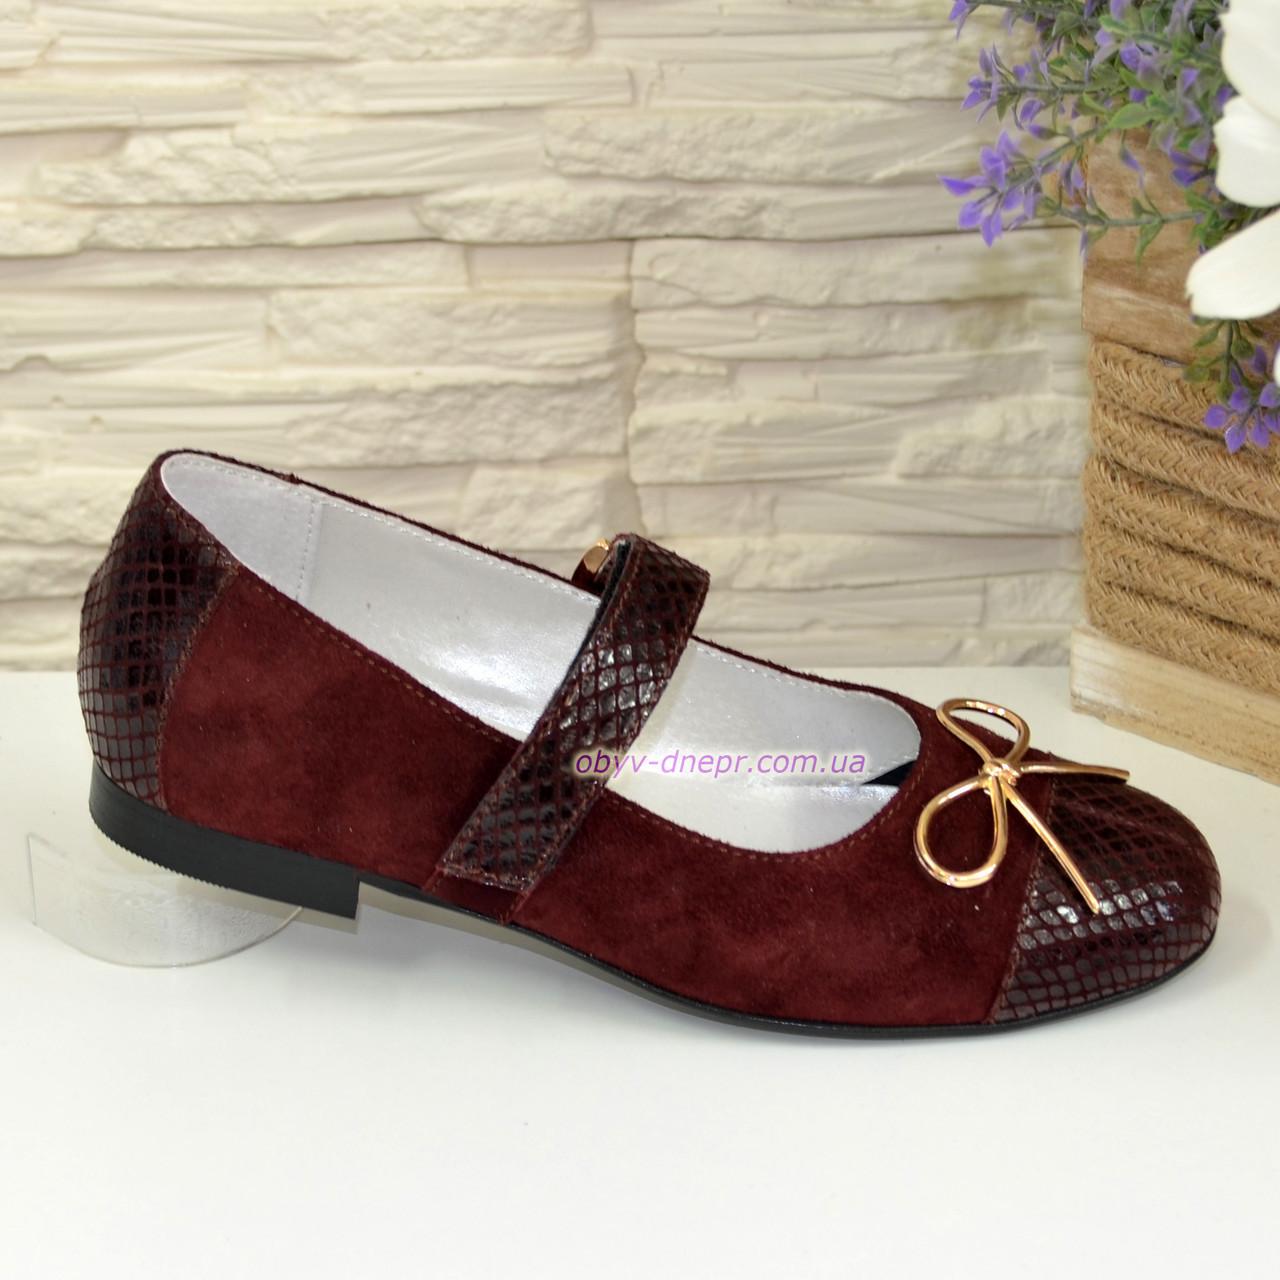 Туфли школьные для девочек, натуральный замш